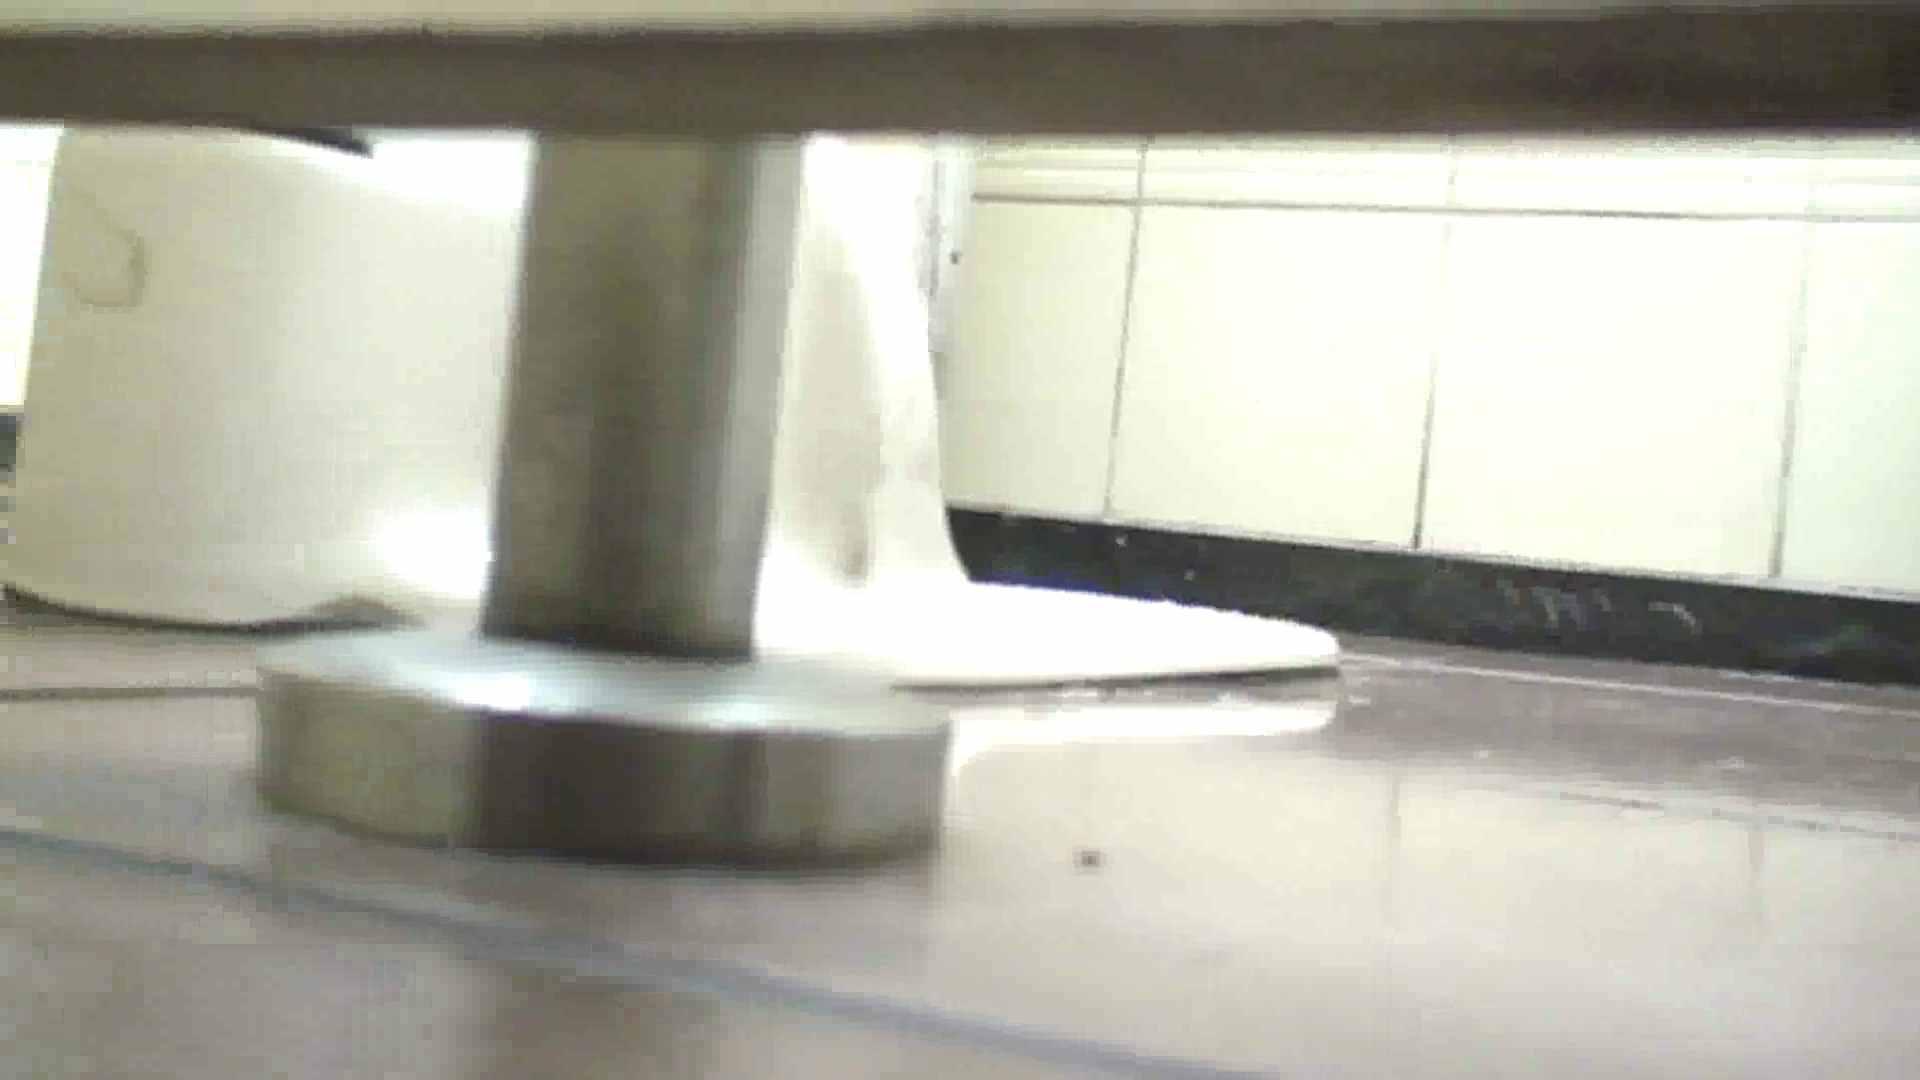 マンコ丸見え女子洗面所Vol.45 マンコ映像 | おまんこ娘  76連発 19